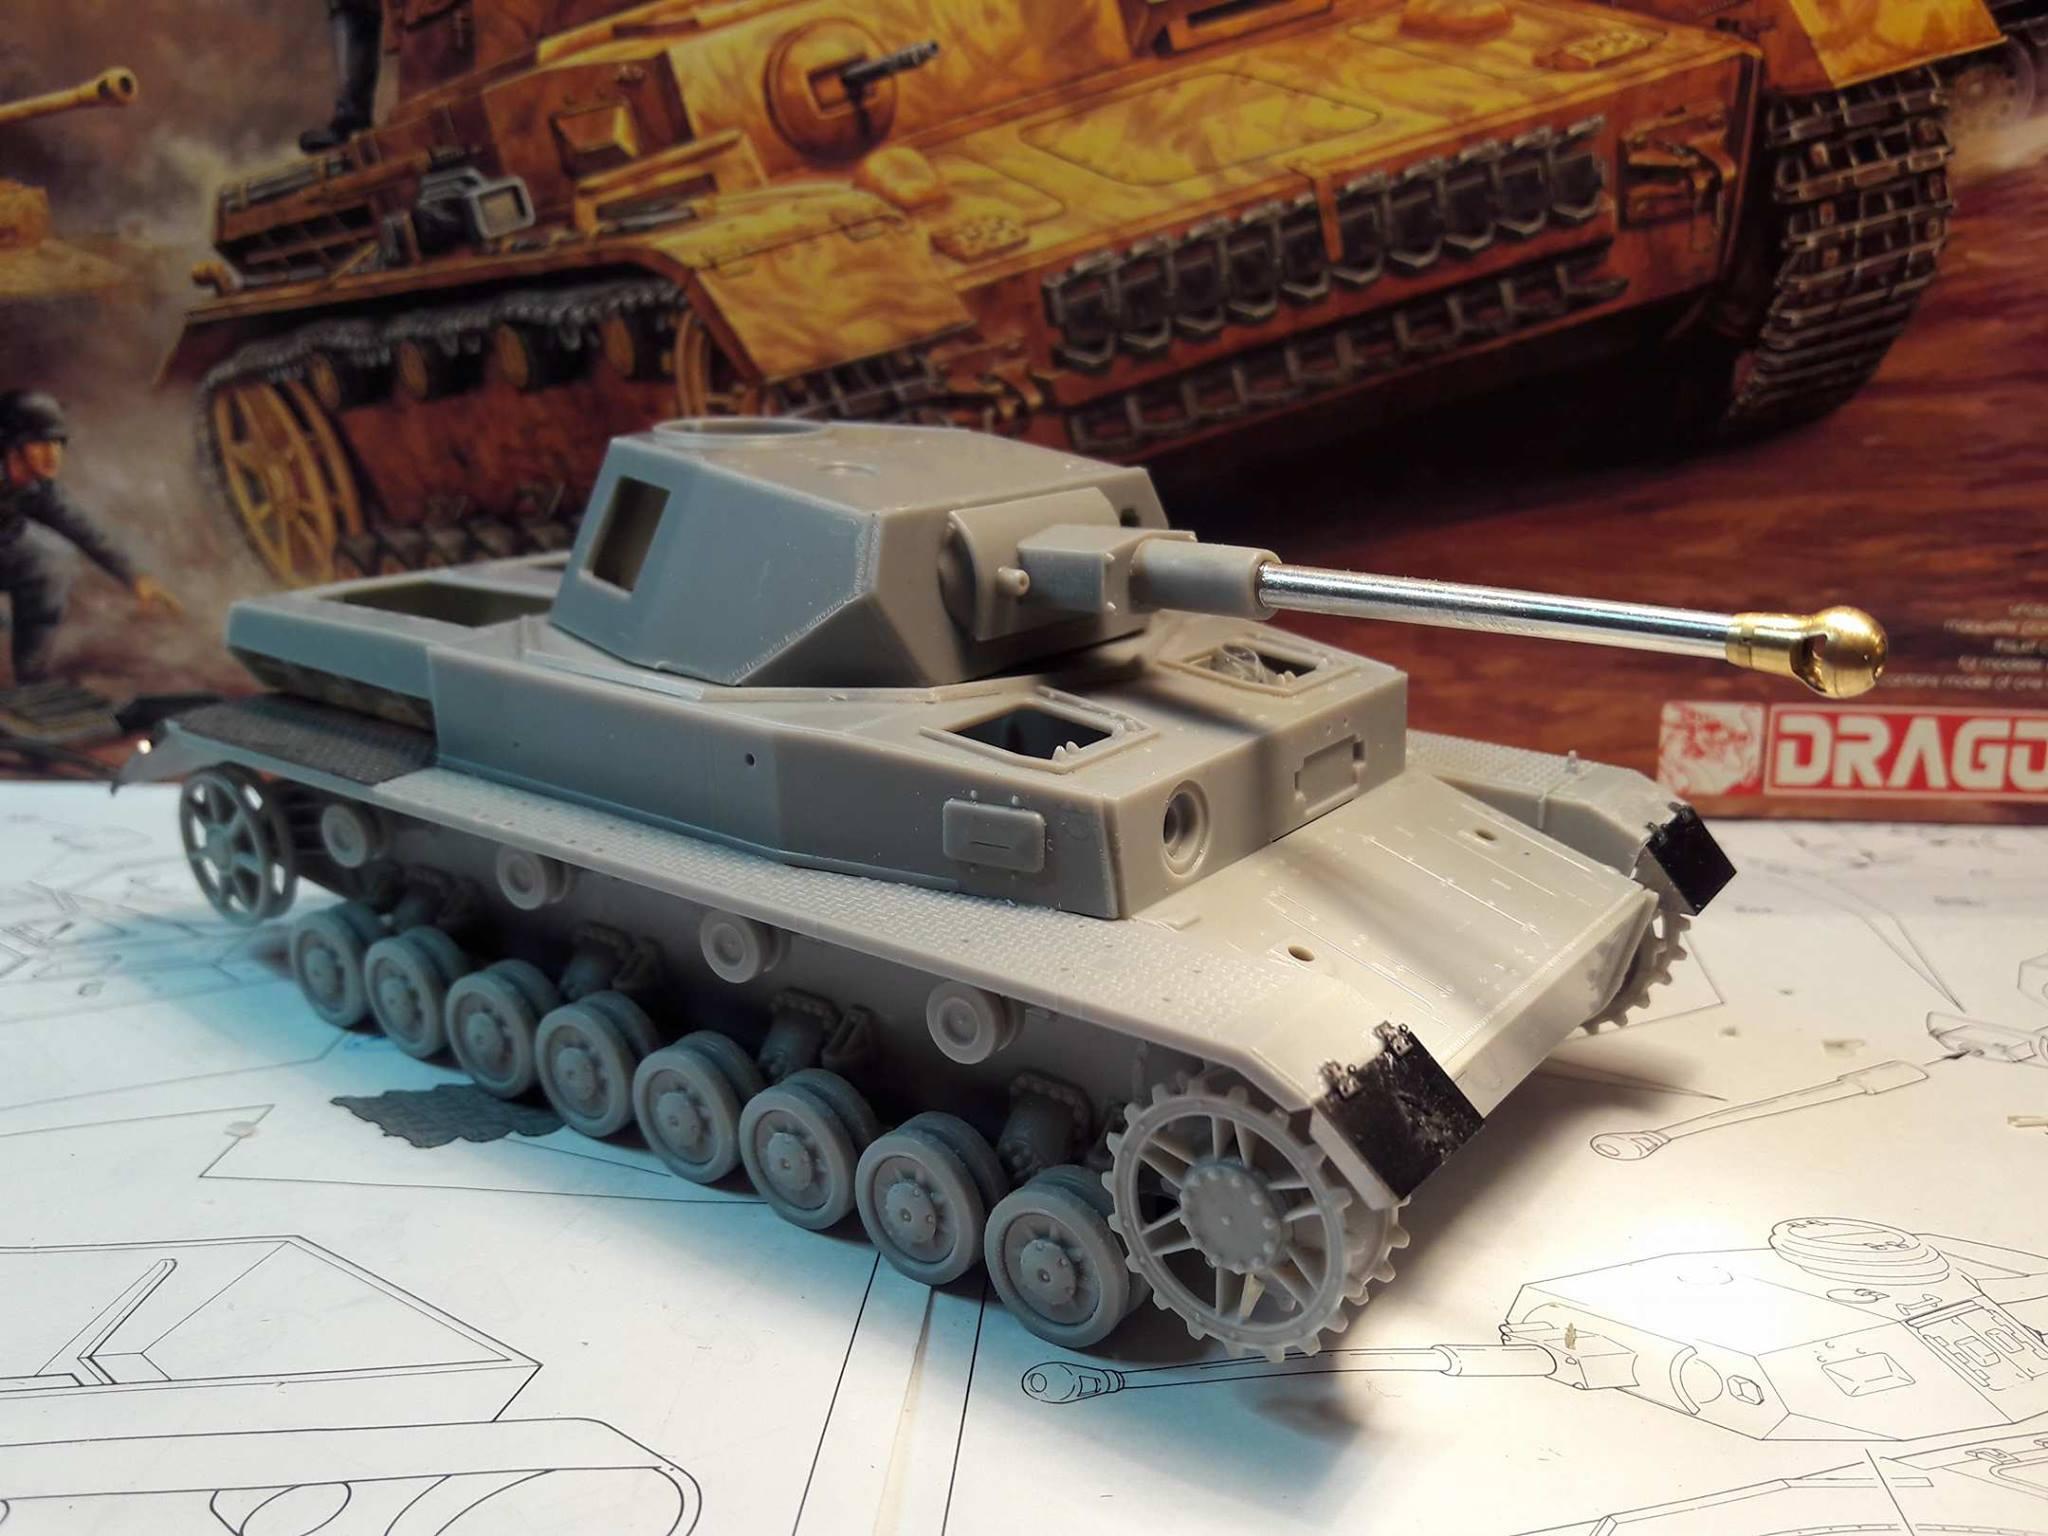 PzKpfw. IV Ausf. F2 - Dragon 6073652112316810212176745148382188323138o